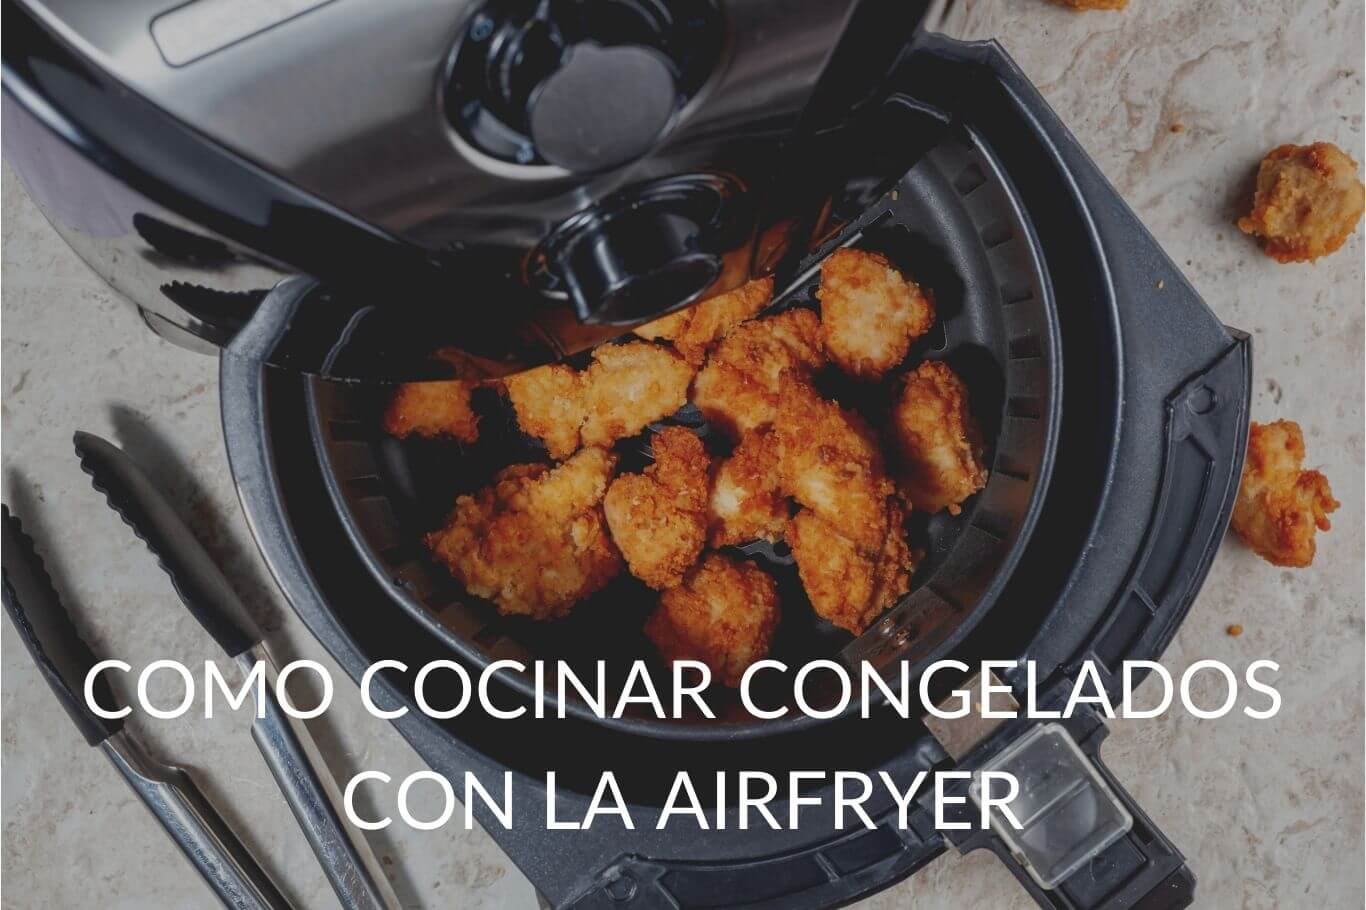 como cocinar alimentos congelados en una freidora sin aceite